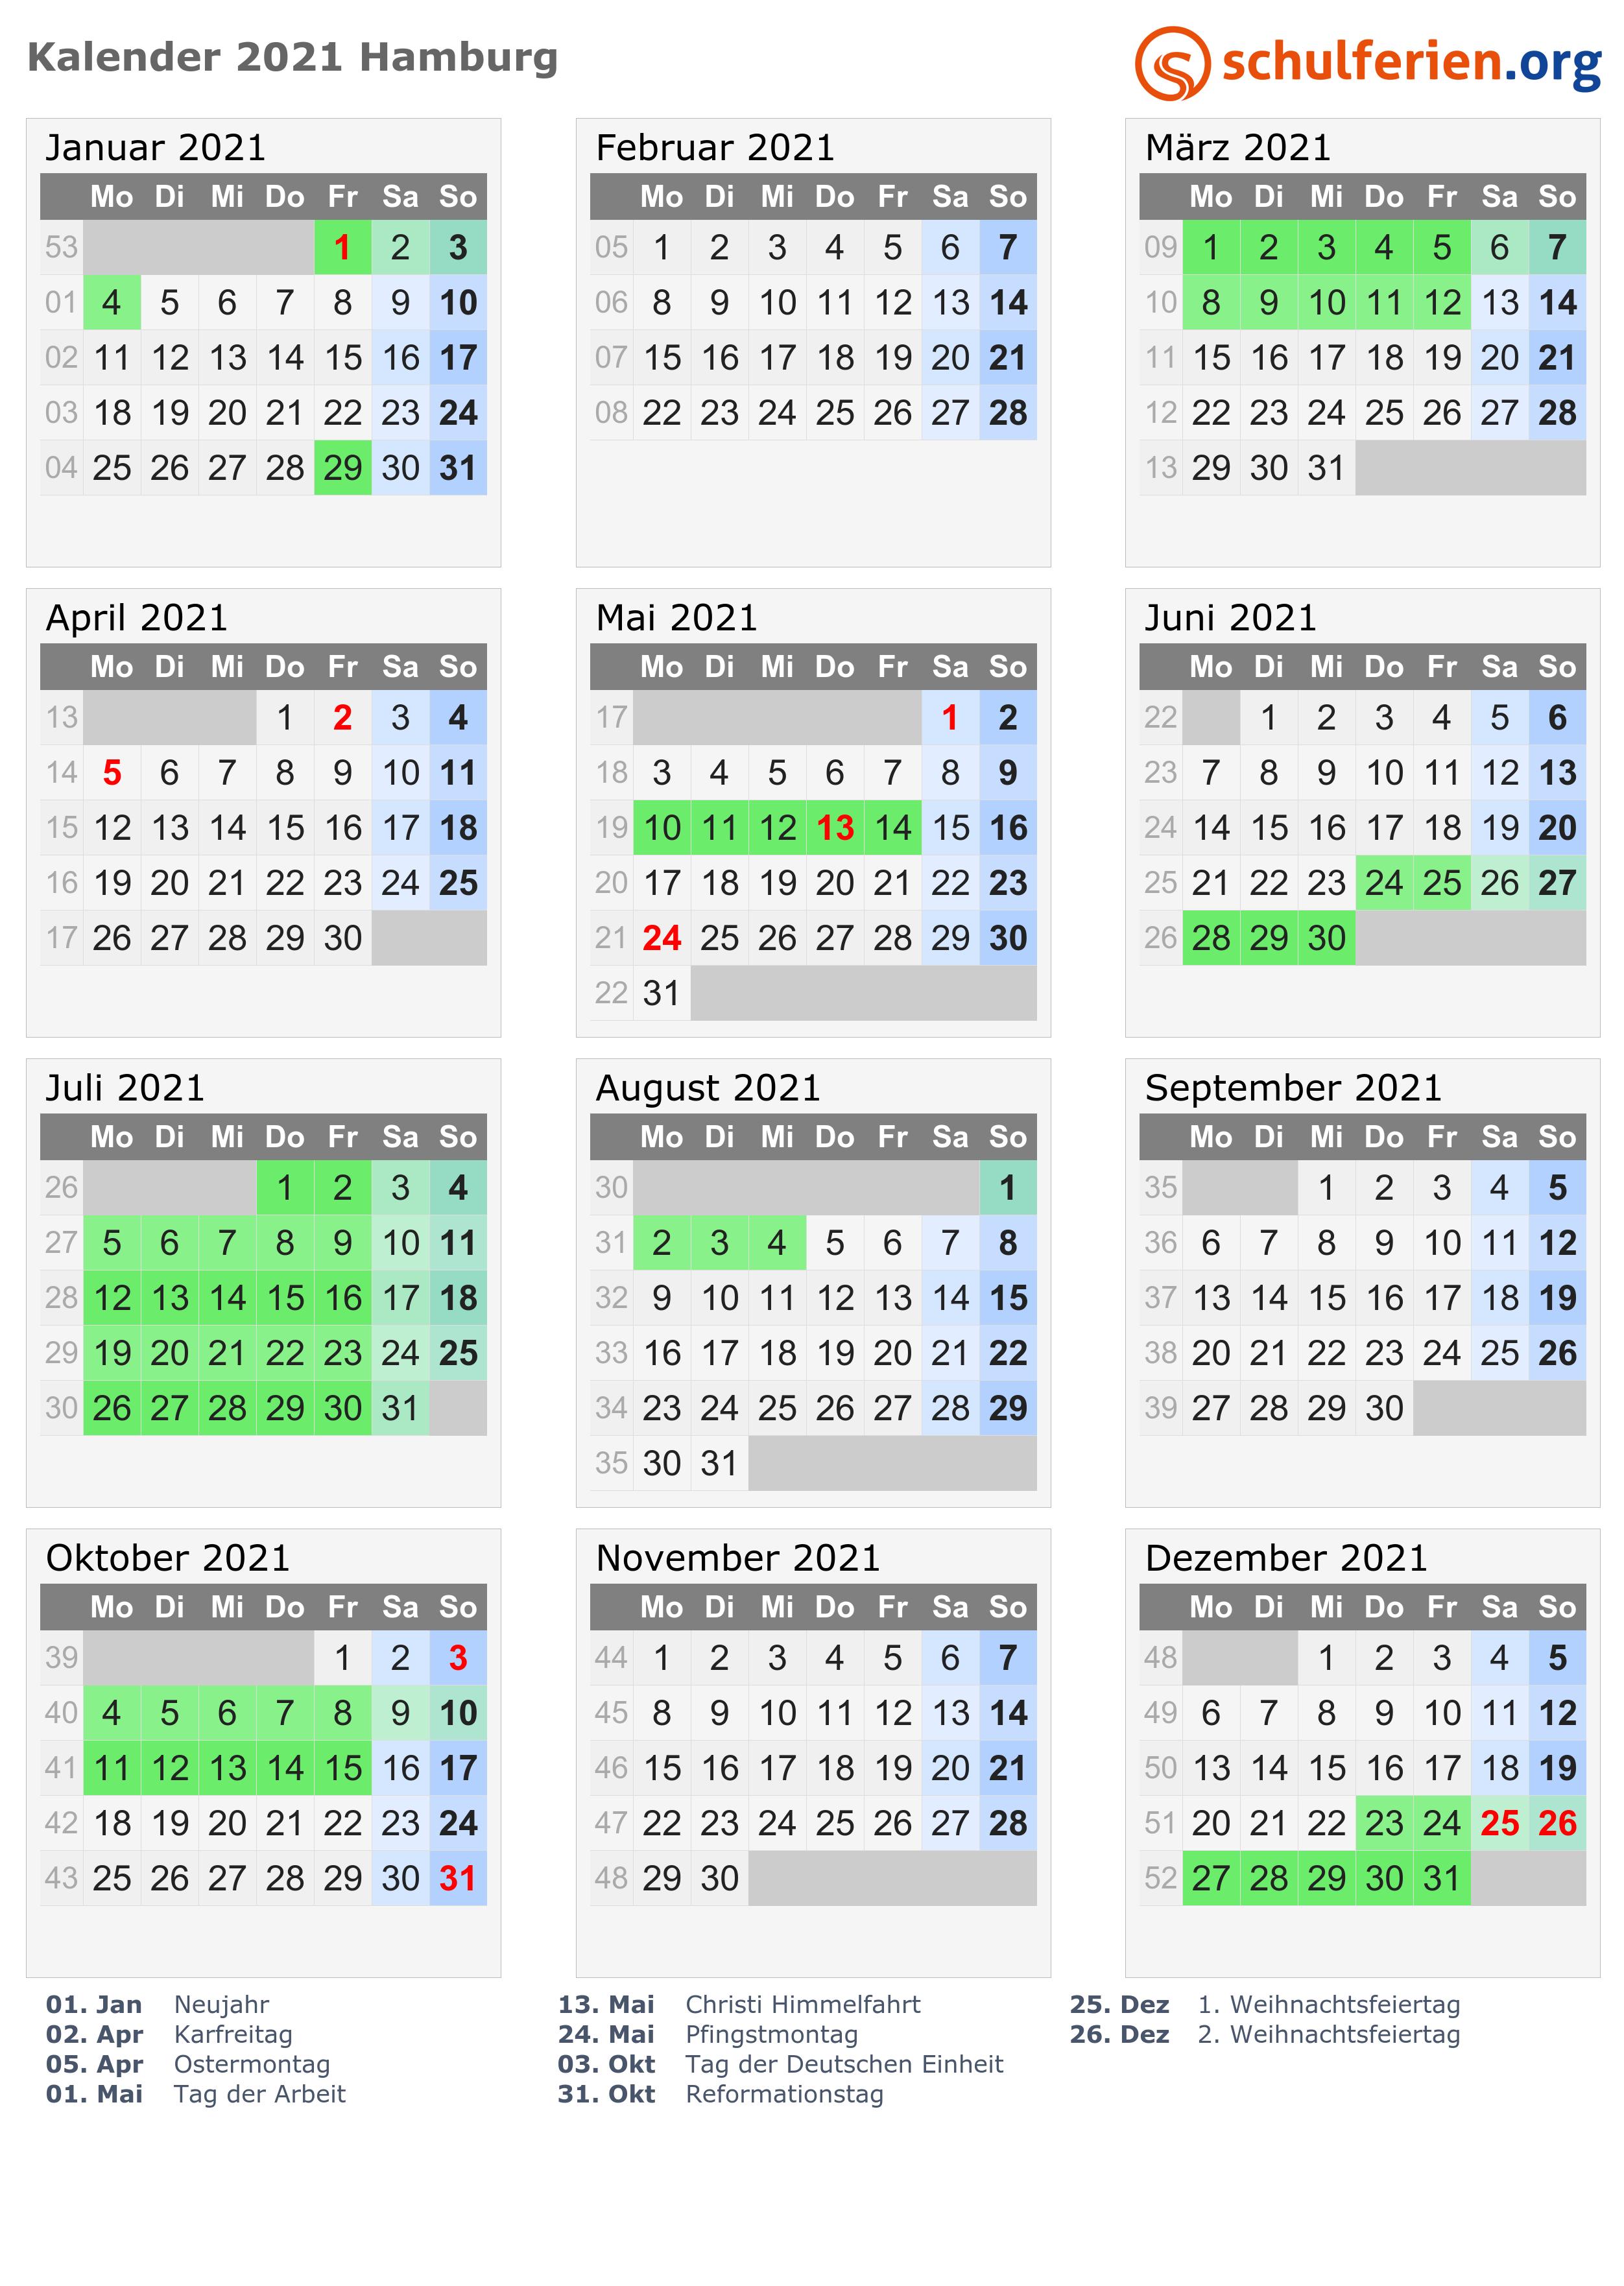 Kalender 2021 Ferien Hamburg Feiertage